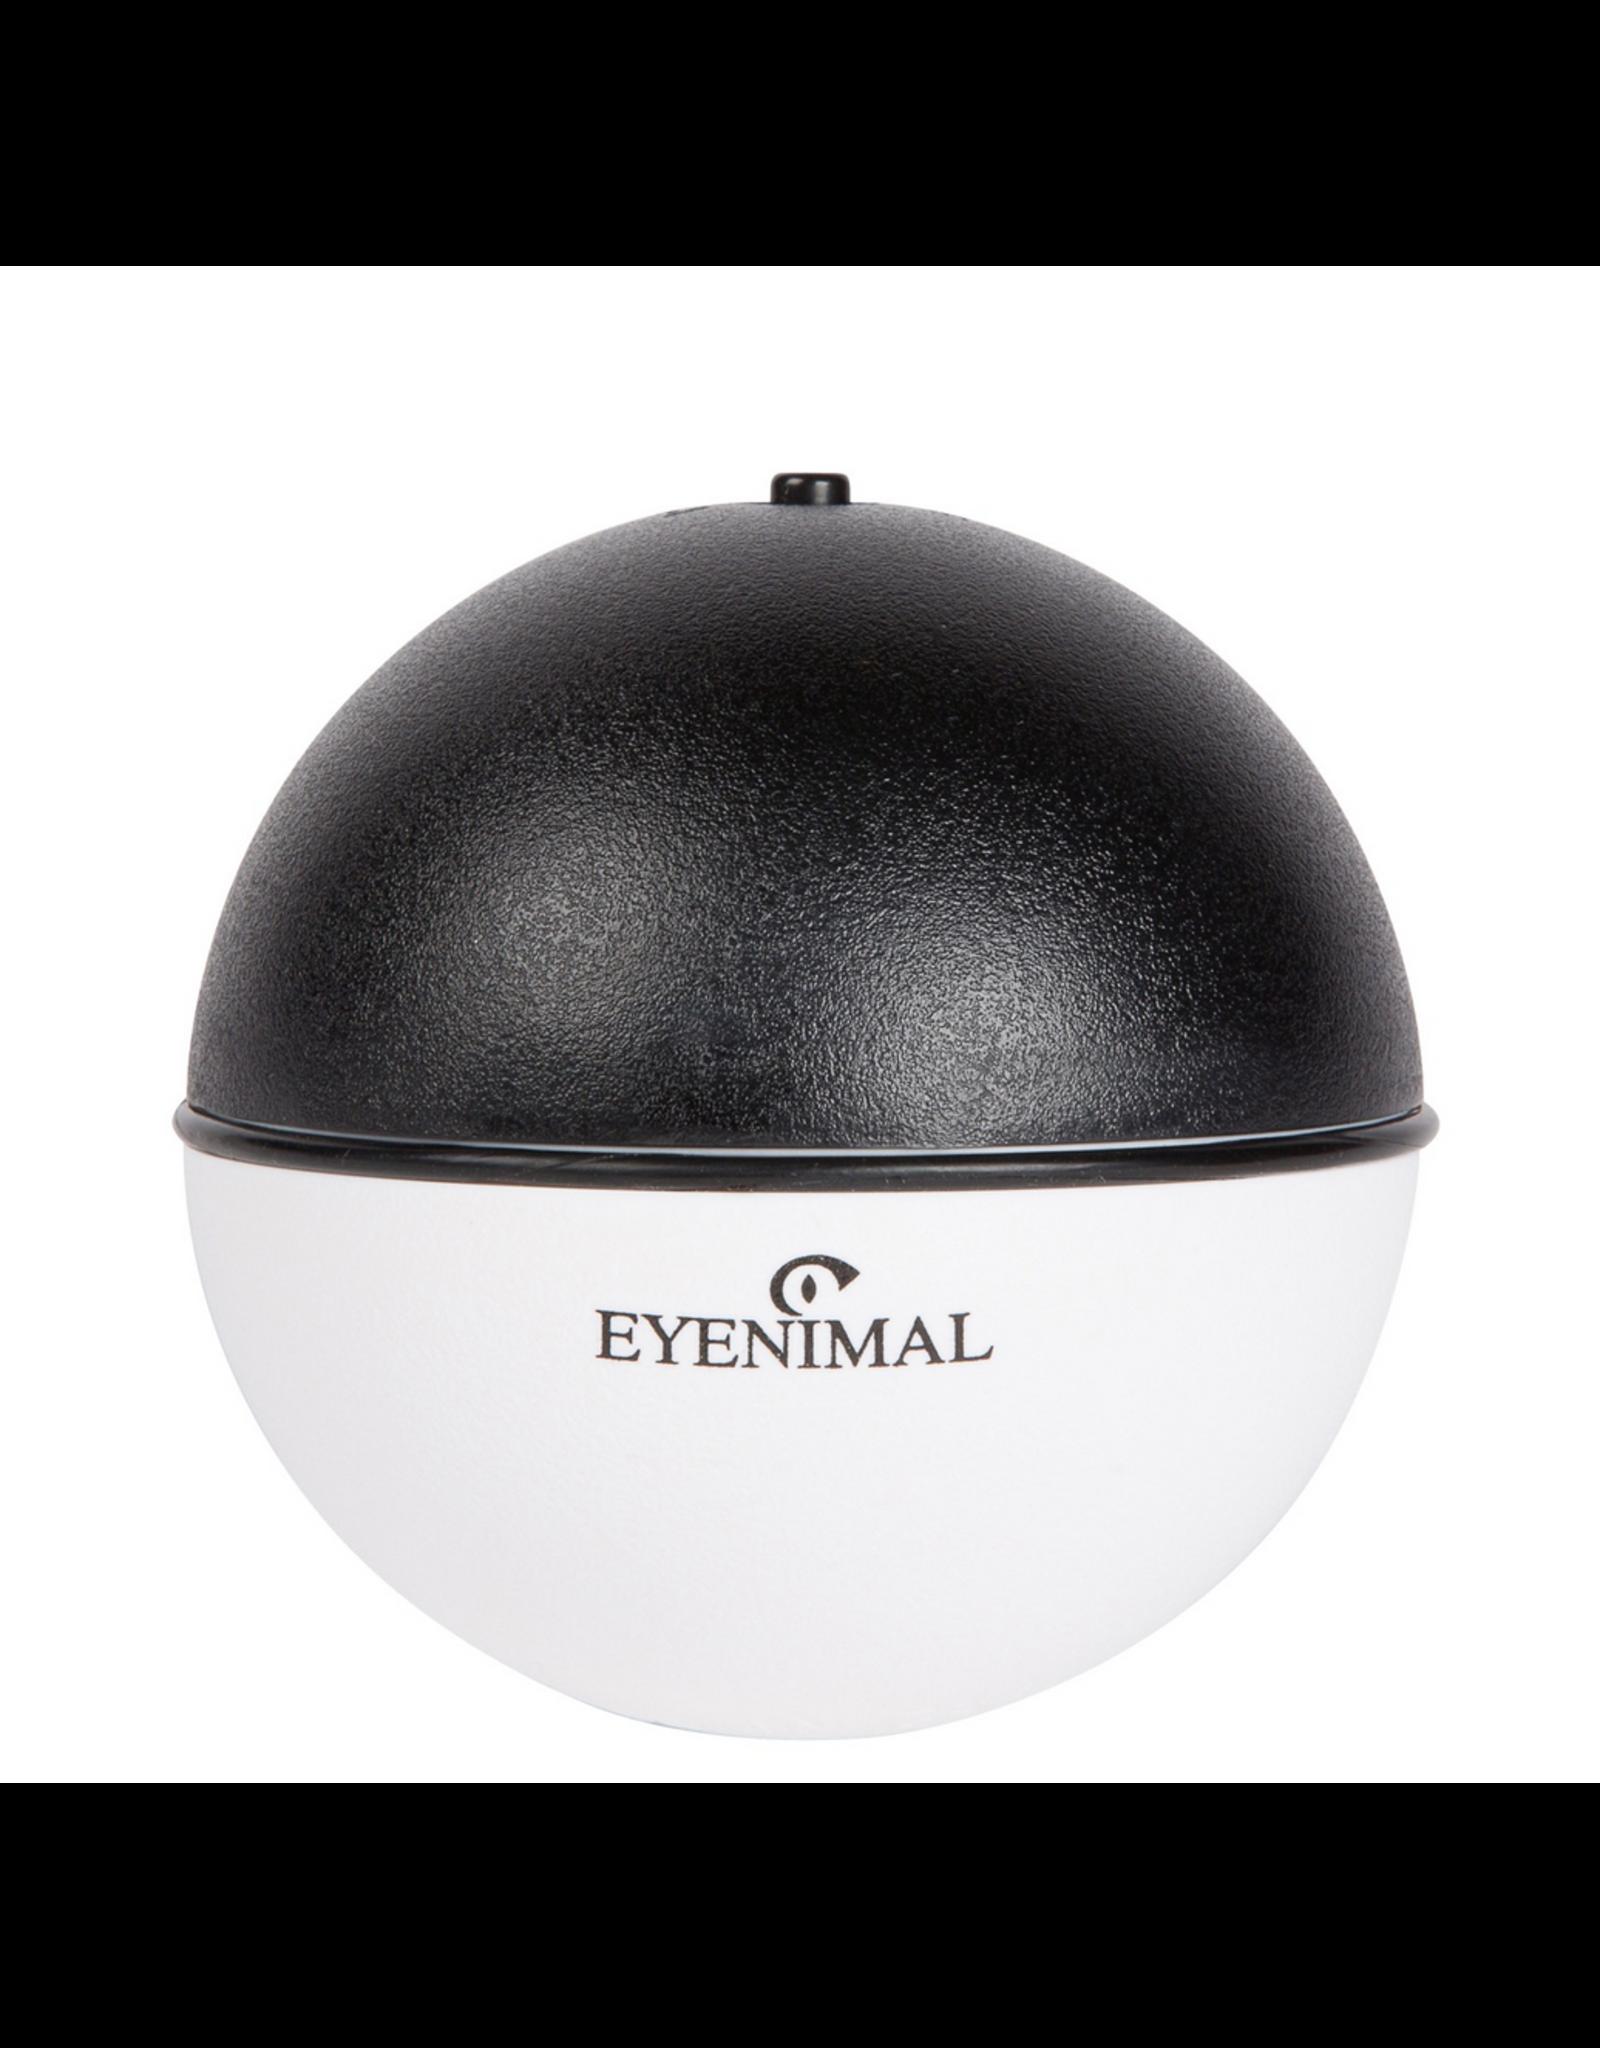 Eyenimal Eyenimal - Rolling Ball